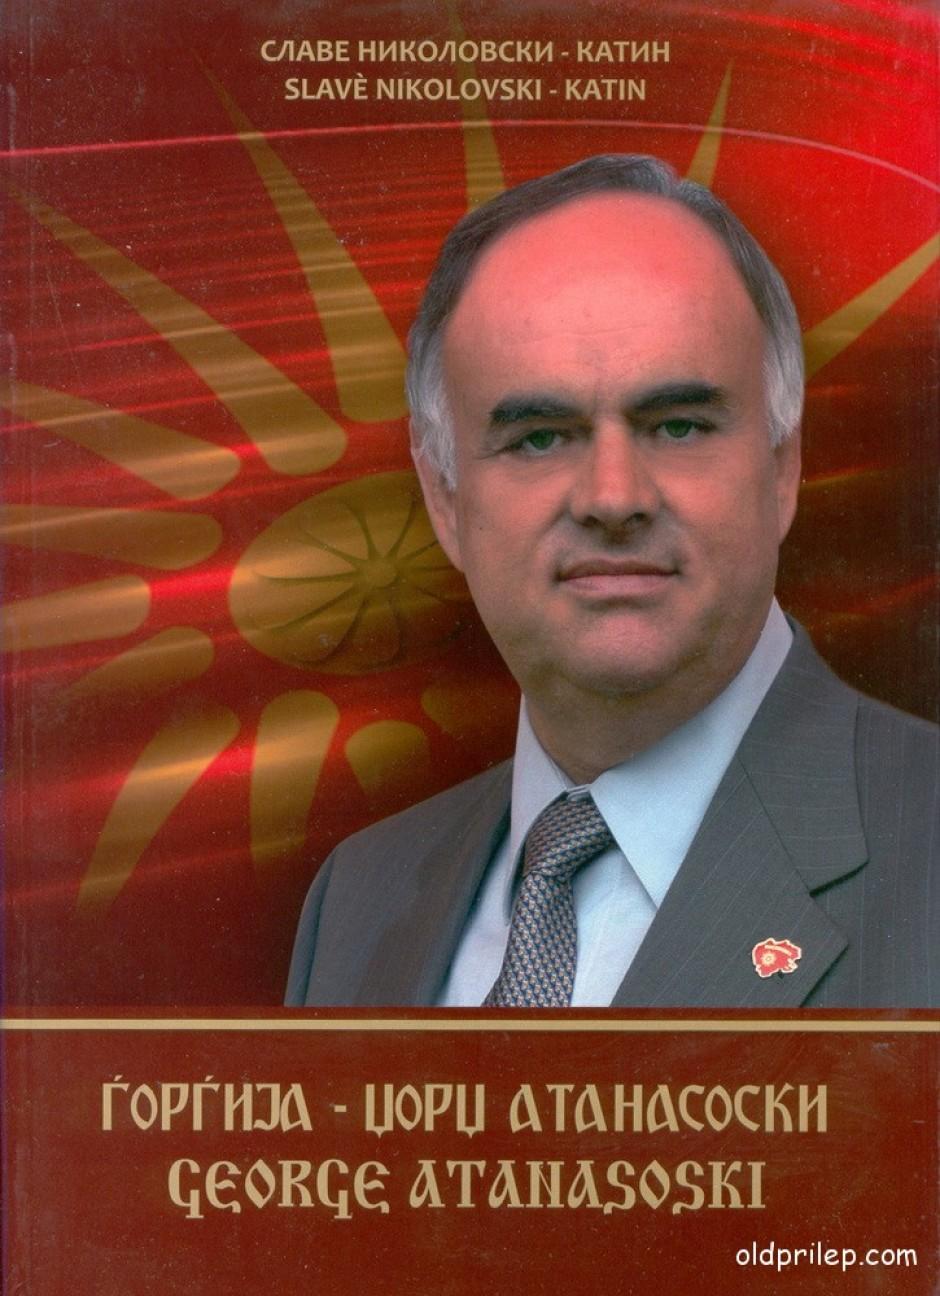 Славе Николовски - Китин: Монографија за Ѓорѓија Атанасоски, 2012 година